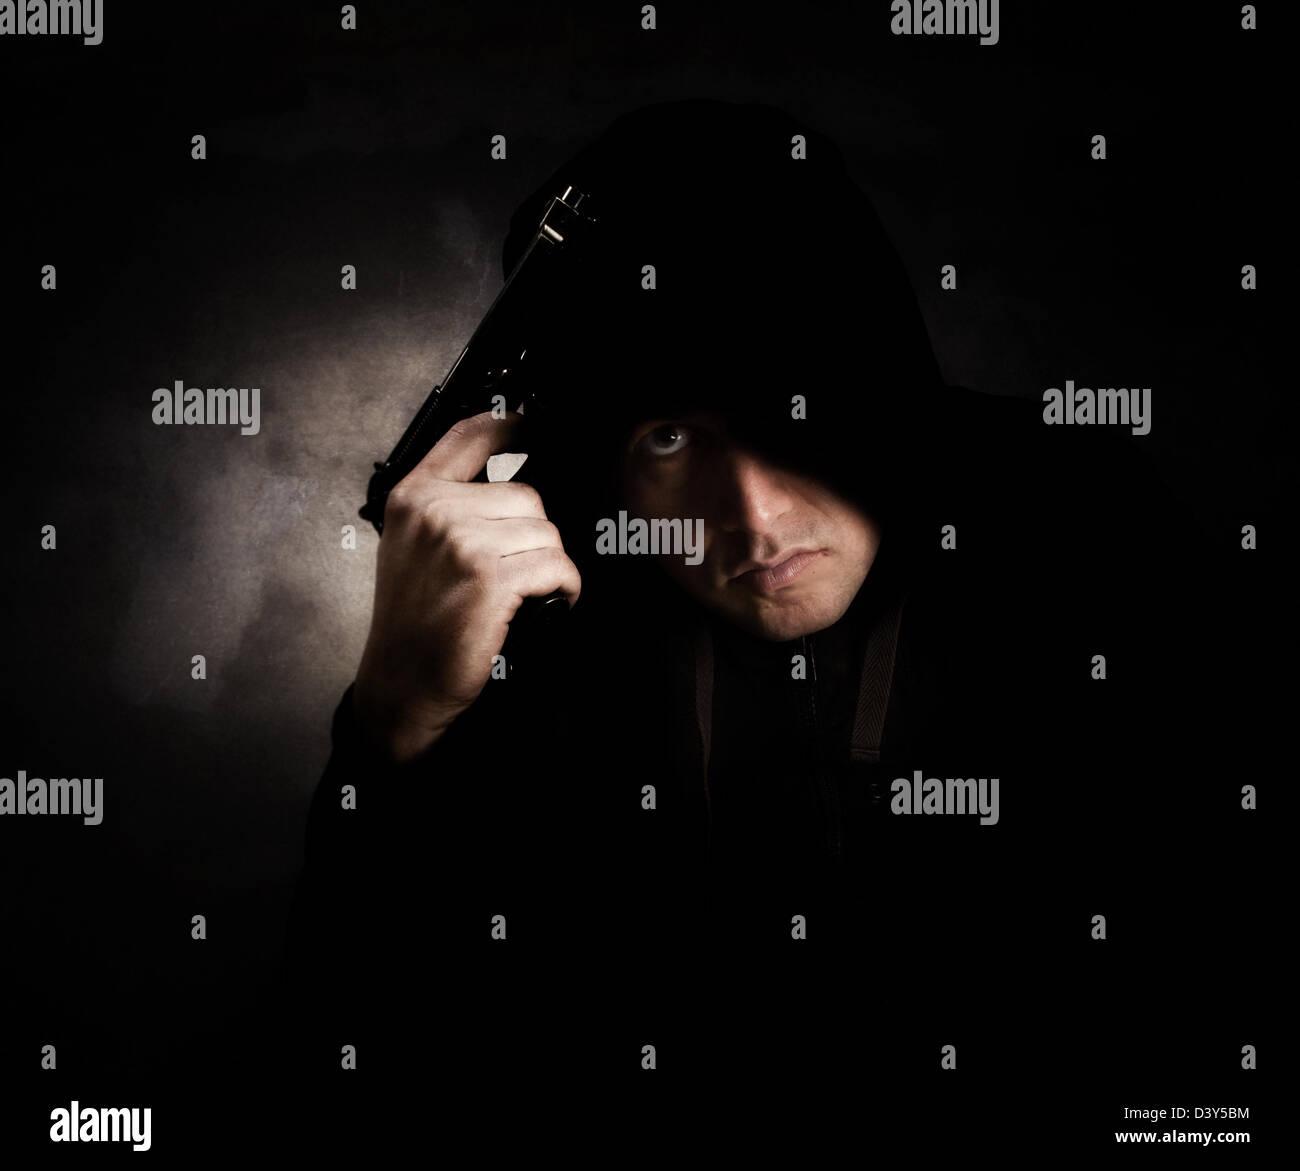 Gang-Mitglied trägt einen schwarzen Kapuzen Pullover hält eine Pistole mit einem wütenden Ausdruck. Stockbild